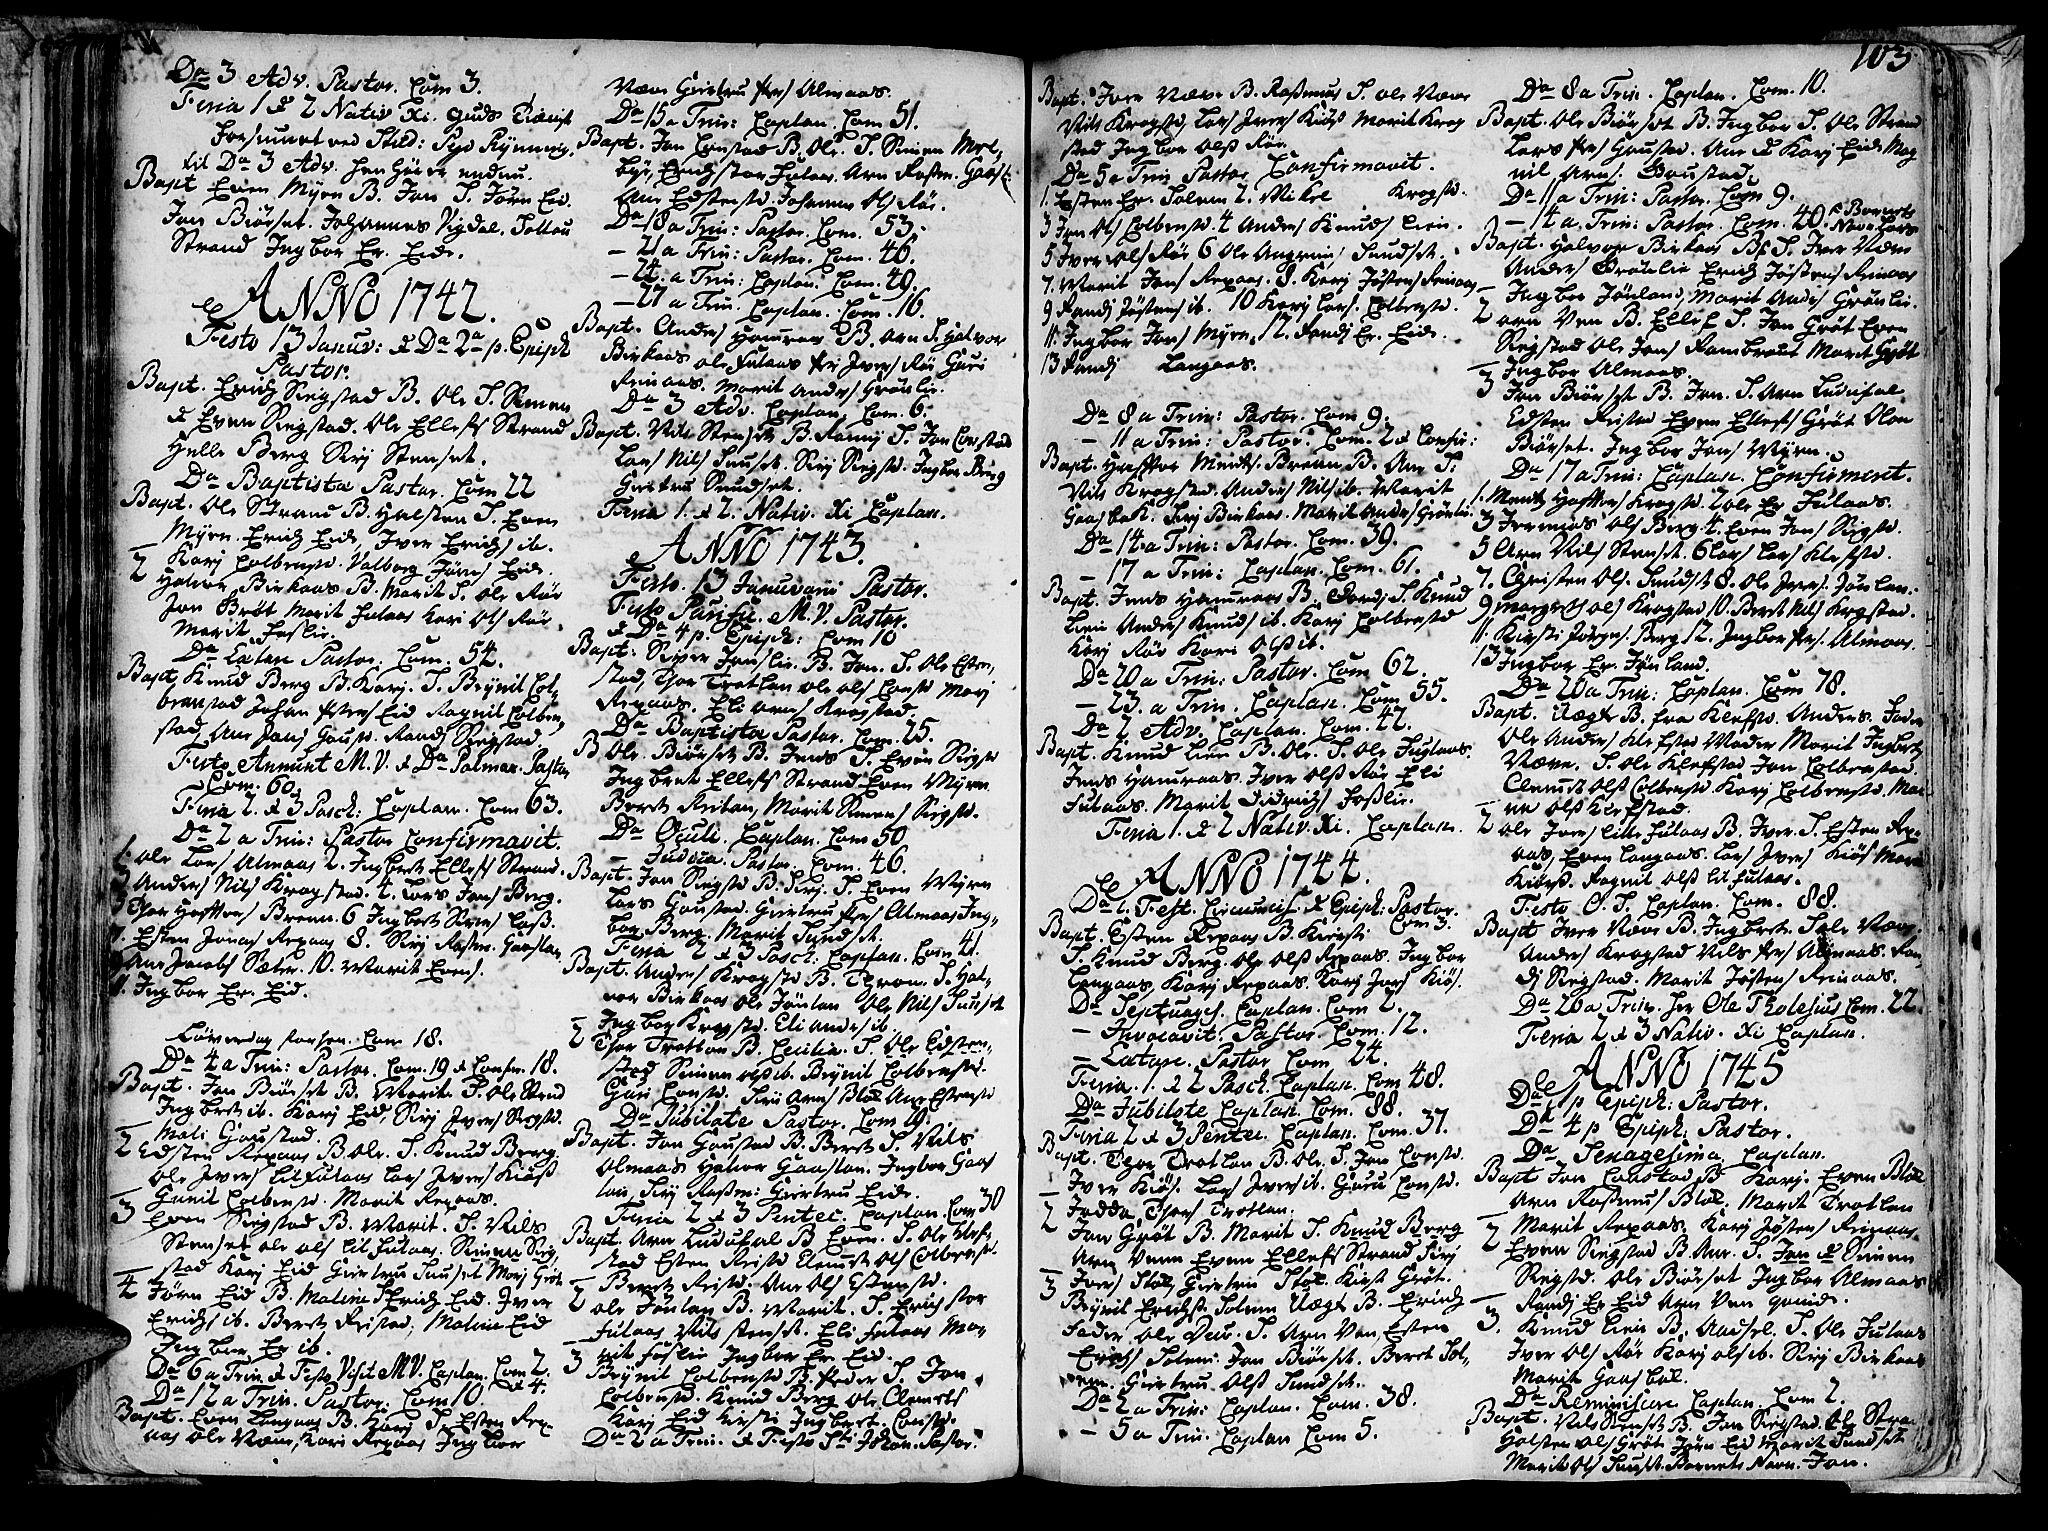 SAT, Ministerialprotokoller, klokkerbøker og fødselsregistre - Sør-Trøndelag, 691/L1060: Ministerialbok nr. 691A01 /4, 1740-1767, s. 103